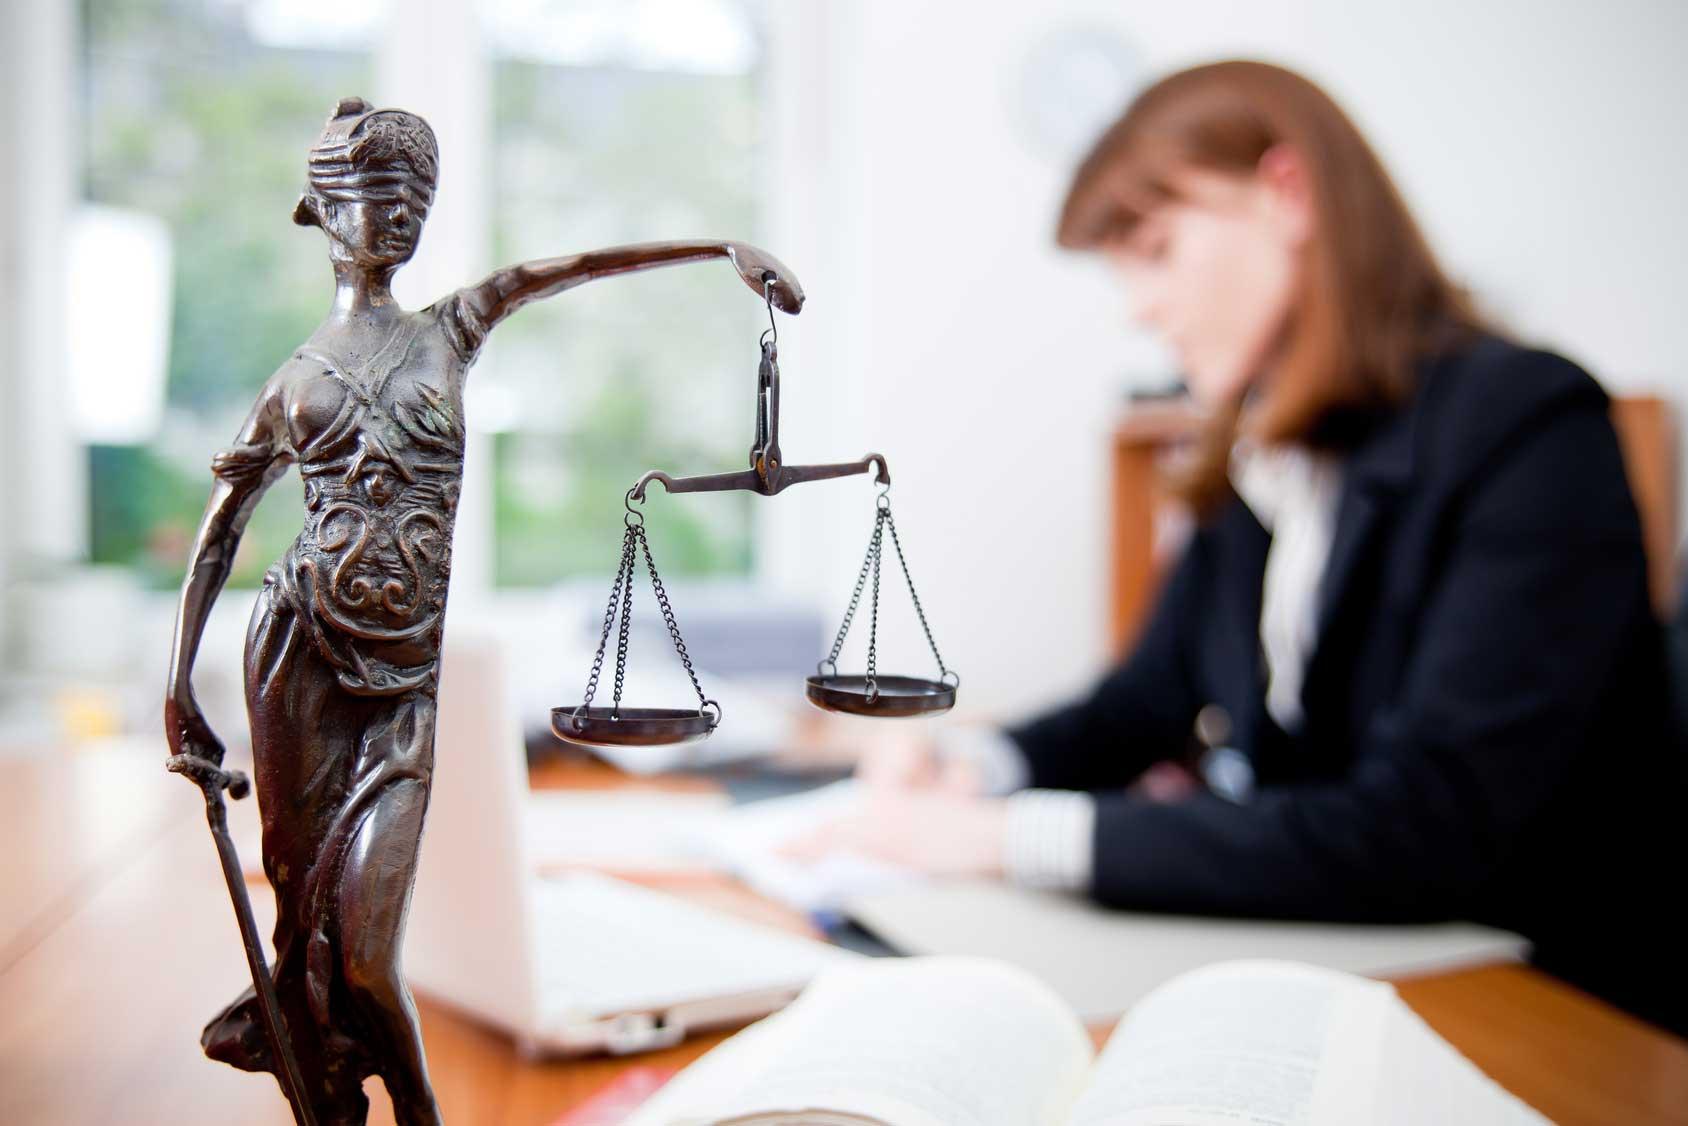 Услуги юриста г.зеленодольск приватизация цены